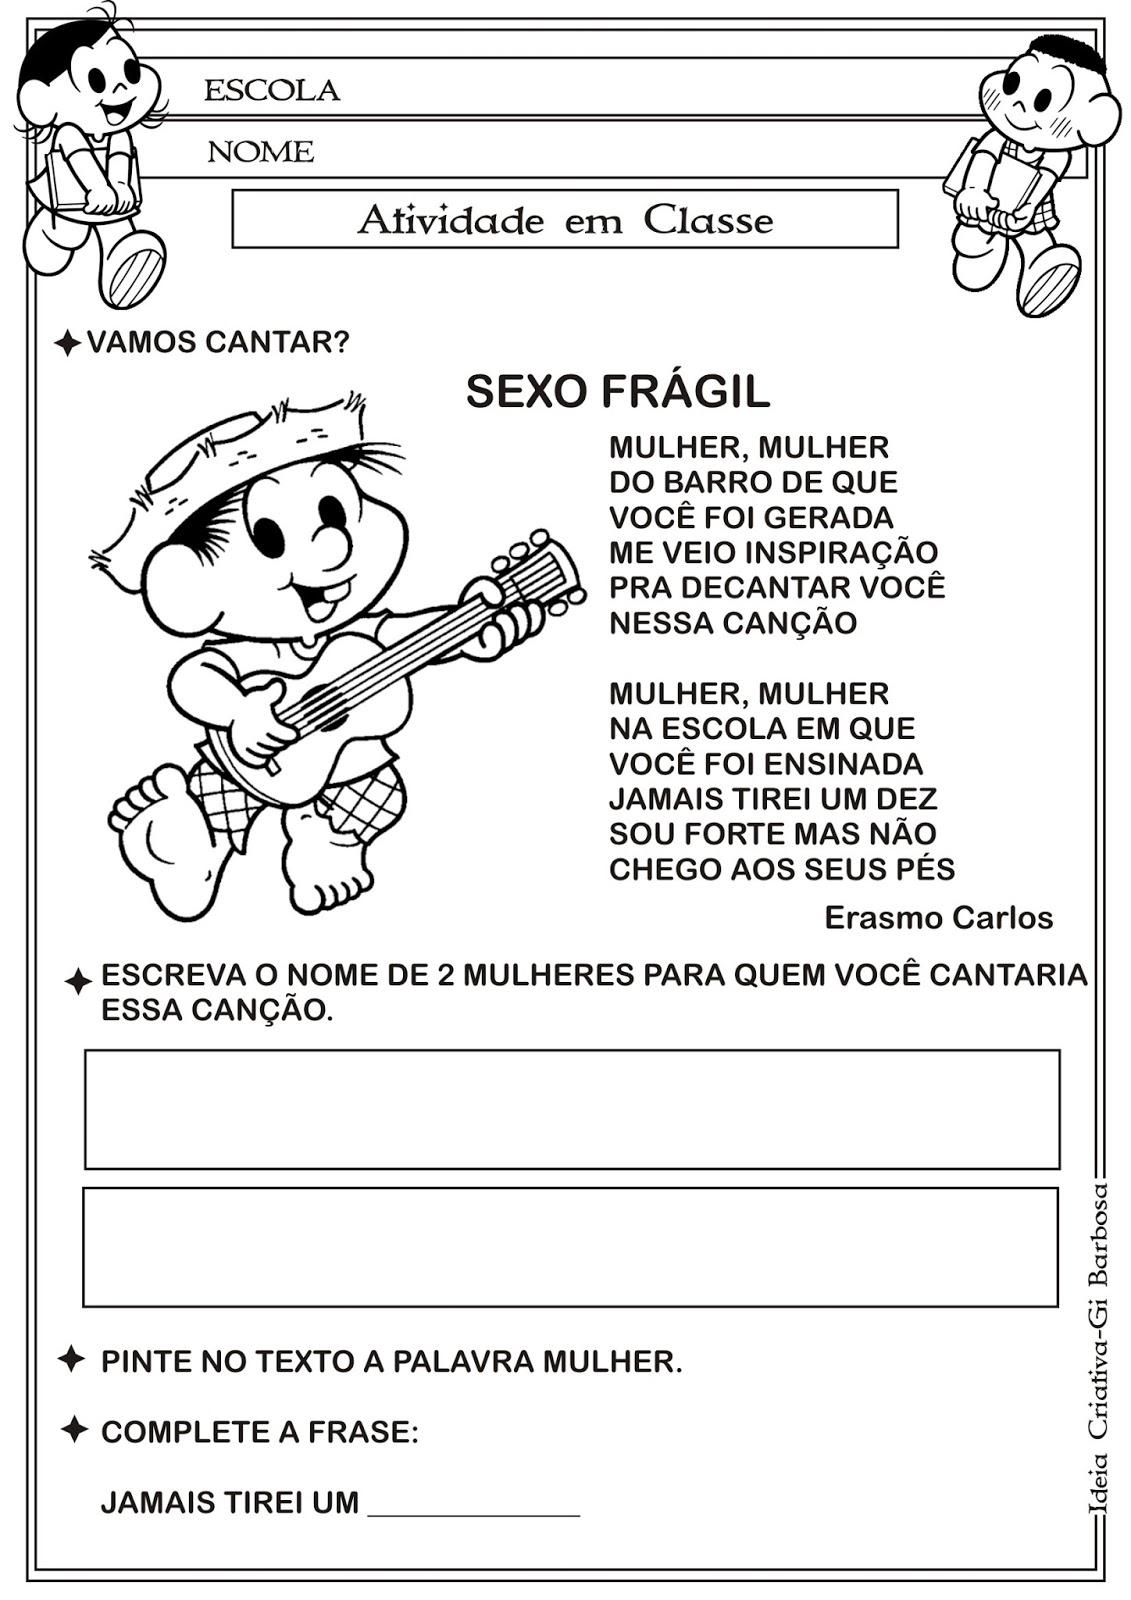 Dia Internacional da Mulher  Música Erasmo Carlos